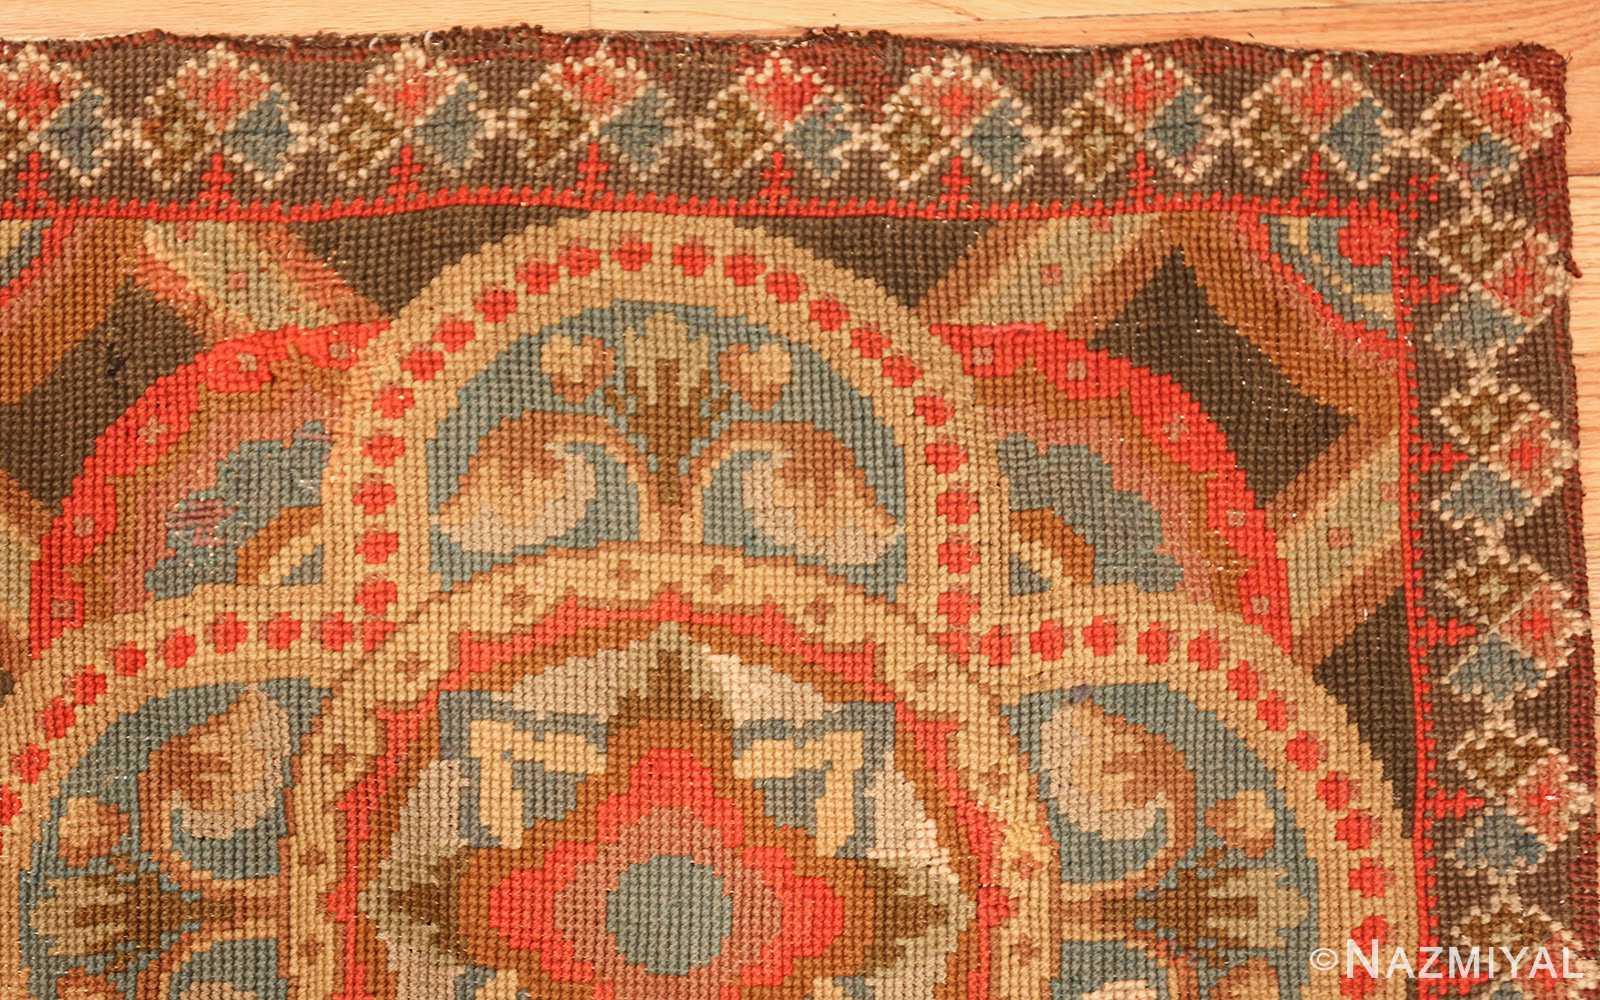 antique needlepoint english rug 2633 corner Nazmiyal